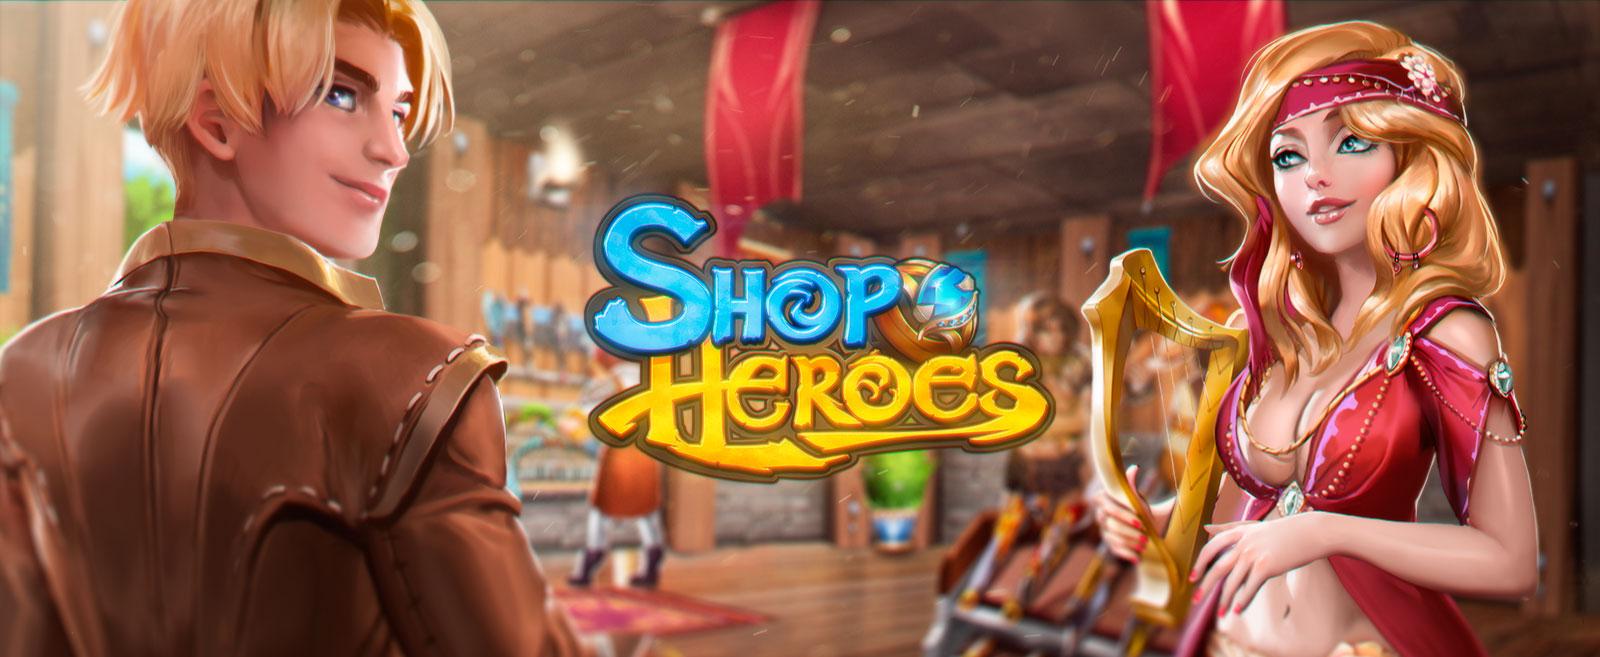 http://shopheroes.com/assets/images/slides/slide-1.jpg